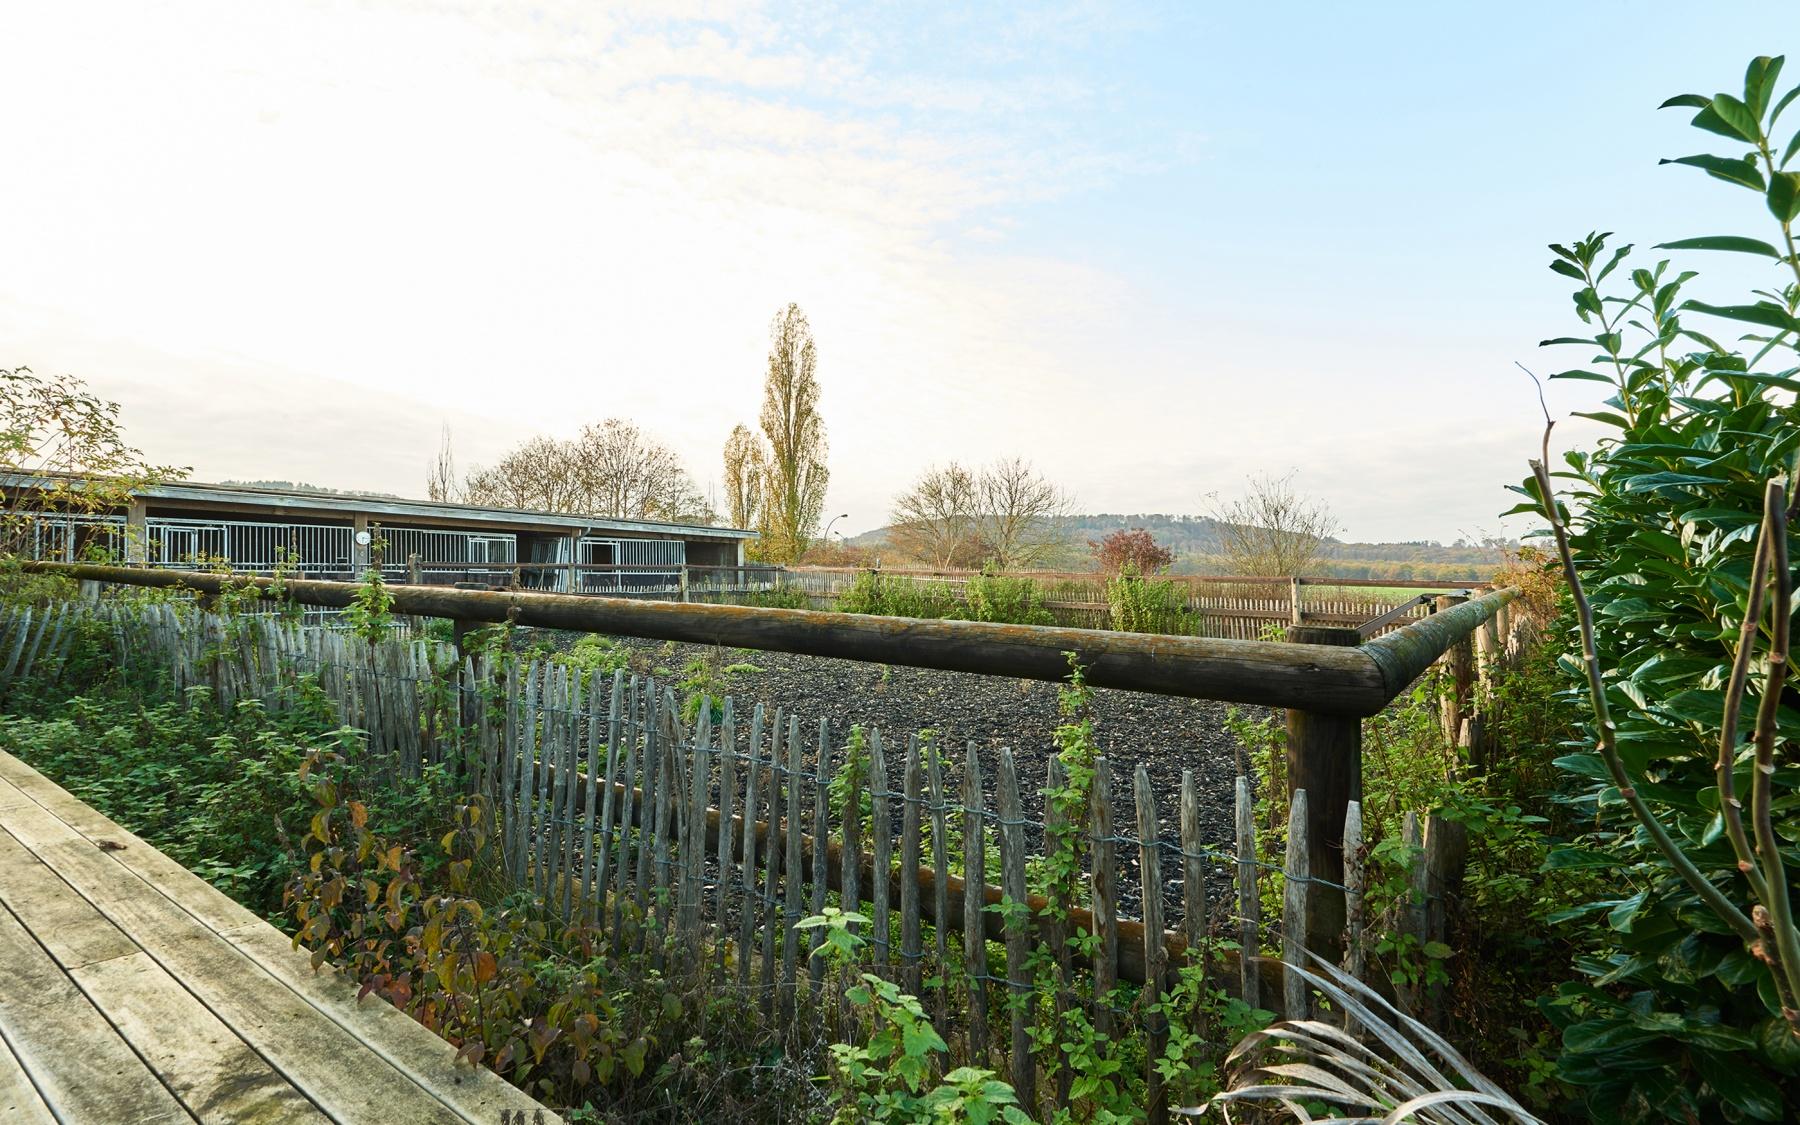 Corps de ferme à Imbringen - commune de Junglinster